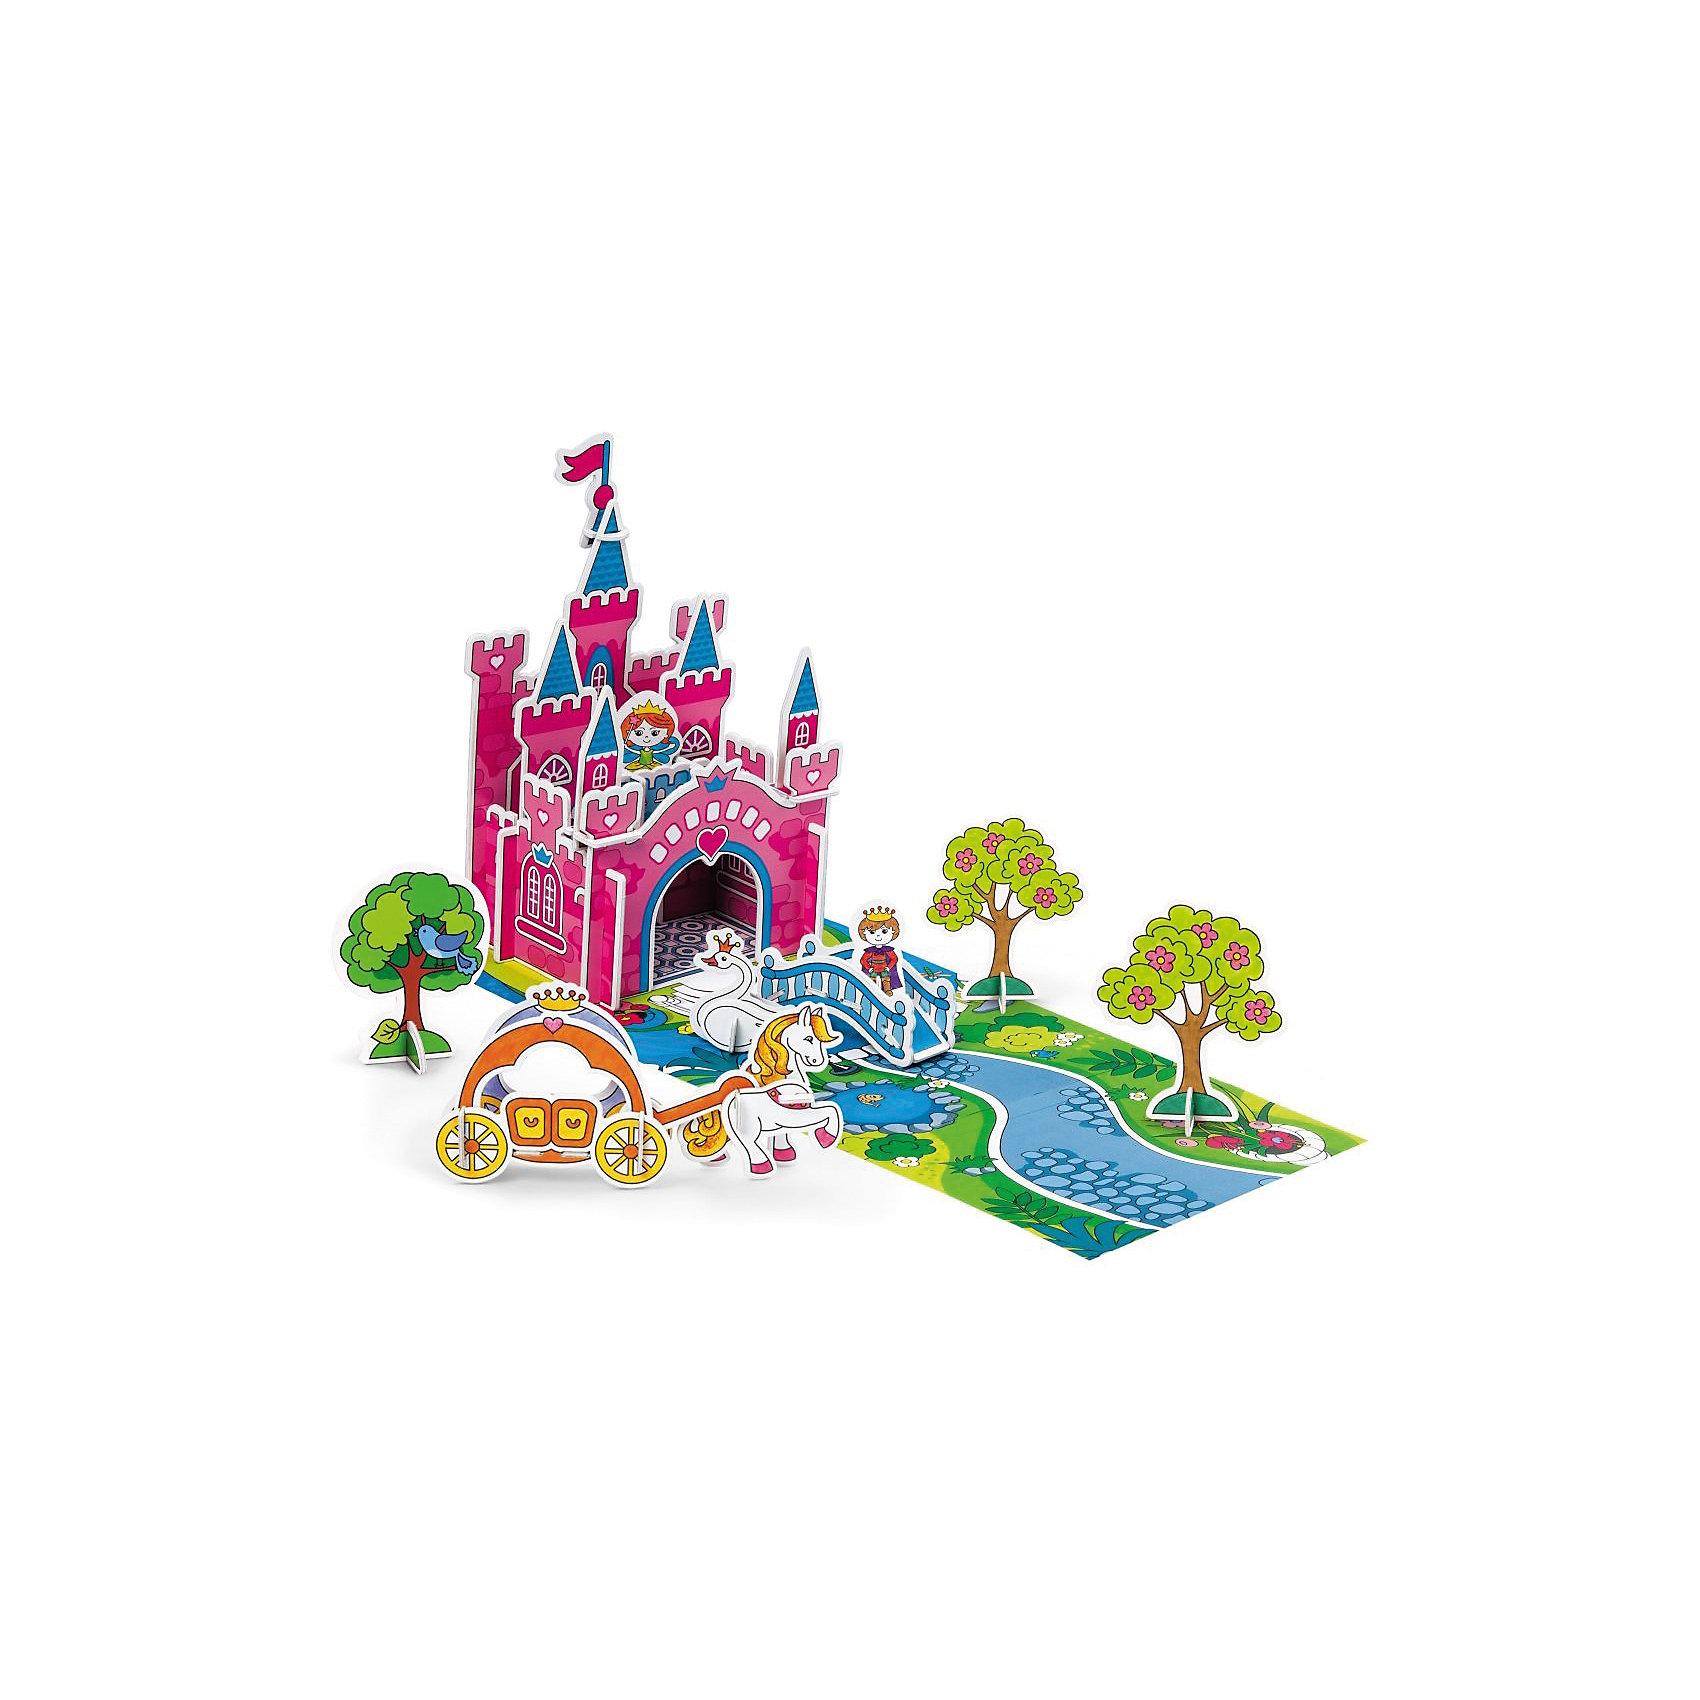 3D Раскраска Загадка королевства Принцессы, ArtberryКартонные модели<br>3D Раскраска Загадка королевства Принцессы, Artberry (Артберри) создана специально для девочек, которые любят творчество. Он представляет собой набор карт-шаблонов с объемными деталями замка, принцессы и аксессуарами, которые необходимо раскрасить фломастерами и собрать по инструкции на игровом поле, а затем придумывать увлекательные истории про принцессу и принца.<br><br>Комплектация: 10 разноцветных фломастеров, 6 карт-шаблонов с фигурками животных и аксессуарами замка <br><br>Дополнительная информация:<br>-Вес в упаковке: 581 г<br>-Размеры в упаковке: 335х230х44 мм<br>-Материалы: картон, пластик, чернила<br><br>Такой творческий набор станет отличным подарком, который доставит настоящую радость детям и откроет новые возможности для развития творческих способностей Вашего ребенка!<br><br>3D Раскраска Загадка королевства Принцессы, Artberry (Артберри) можно купить в нашем магазине.<br><br>Ширина мм: 335<br>Глубина мм: 230<br>Высота мм: 44<br>Вес г: 581<br>Возраст от месяцев: 36<br>Возраст до месяцев: 144<br>Пол: Унисекс<br>Возраст: Детский<br>SKU: 4058313